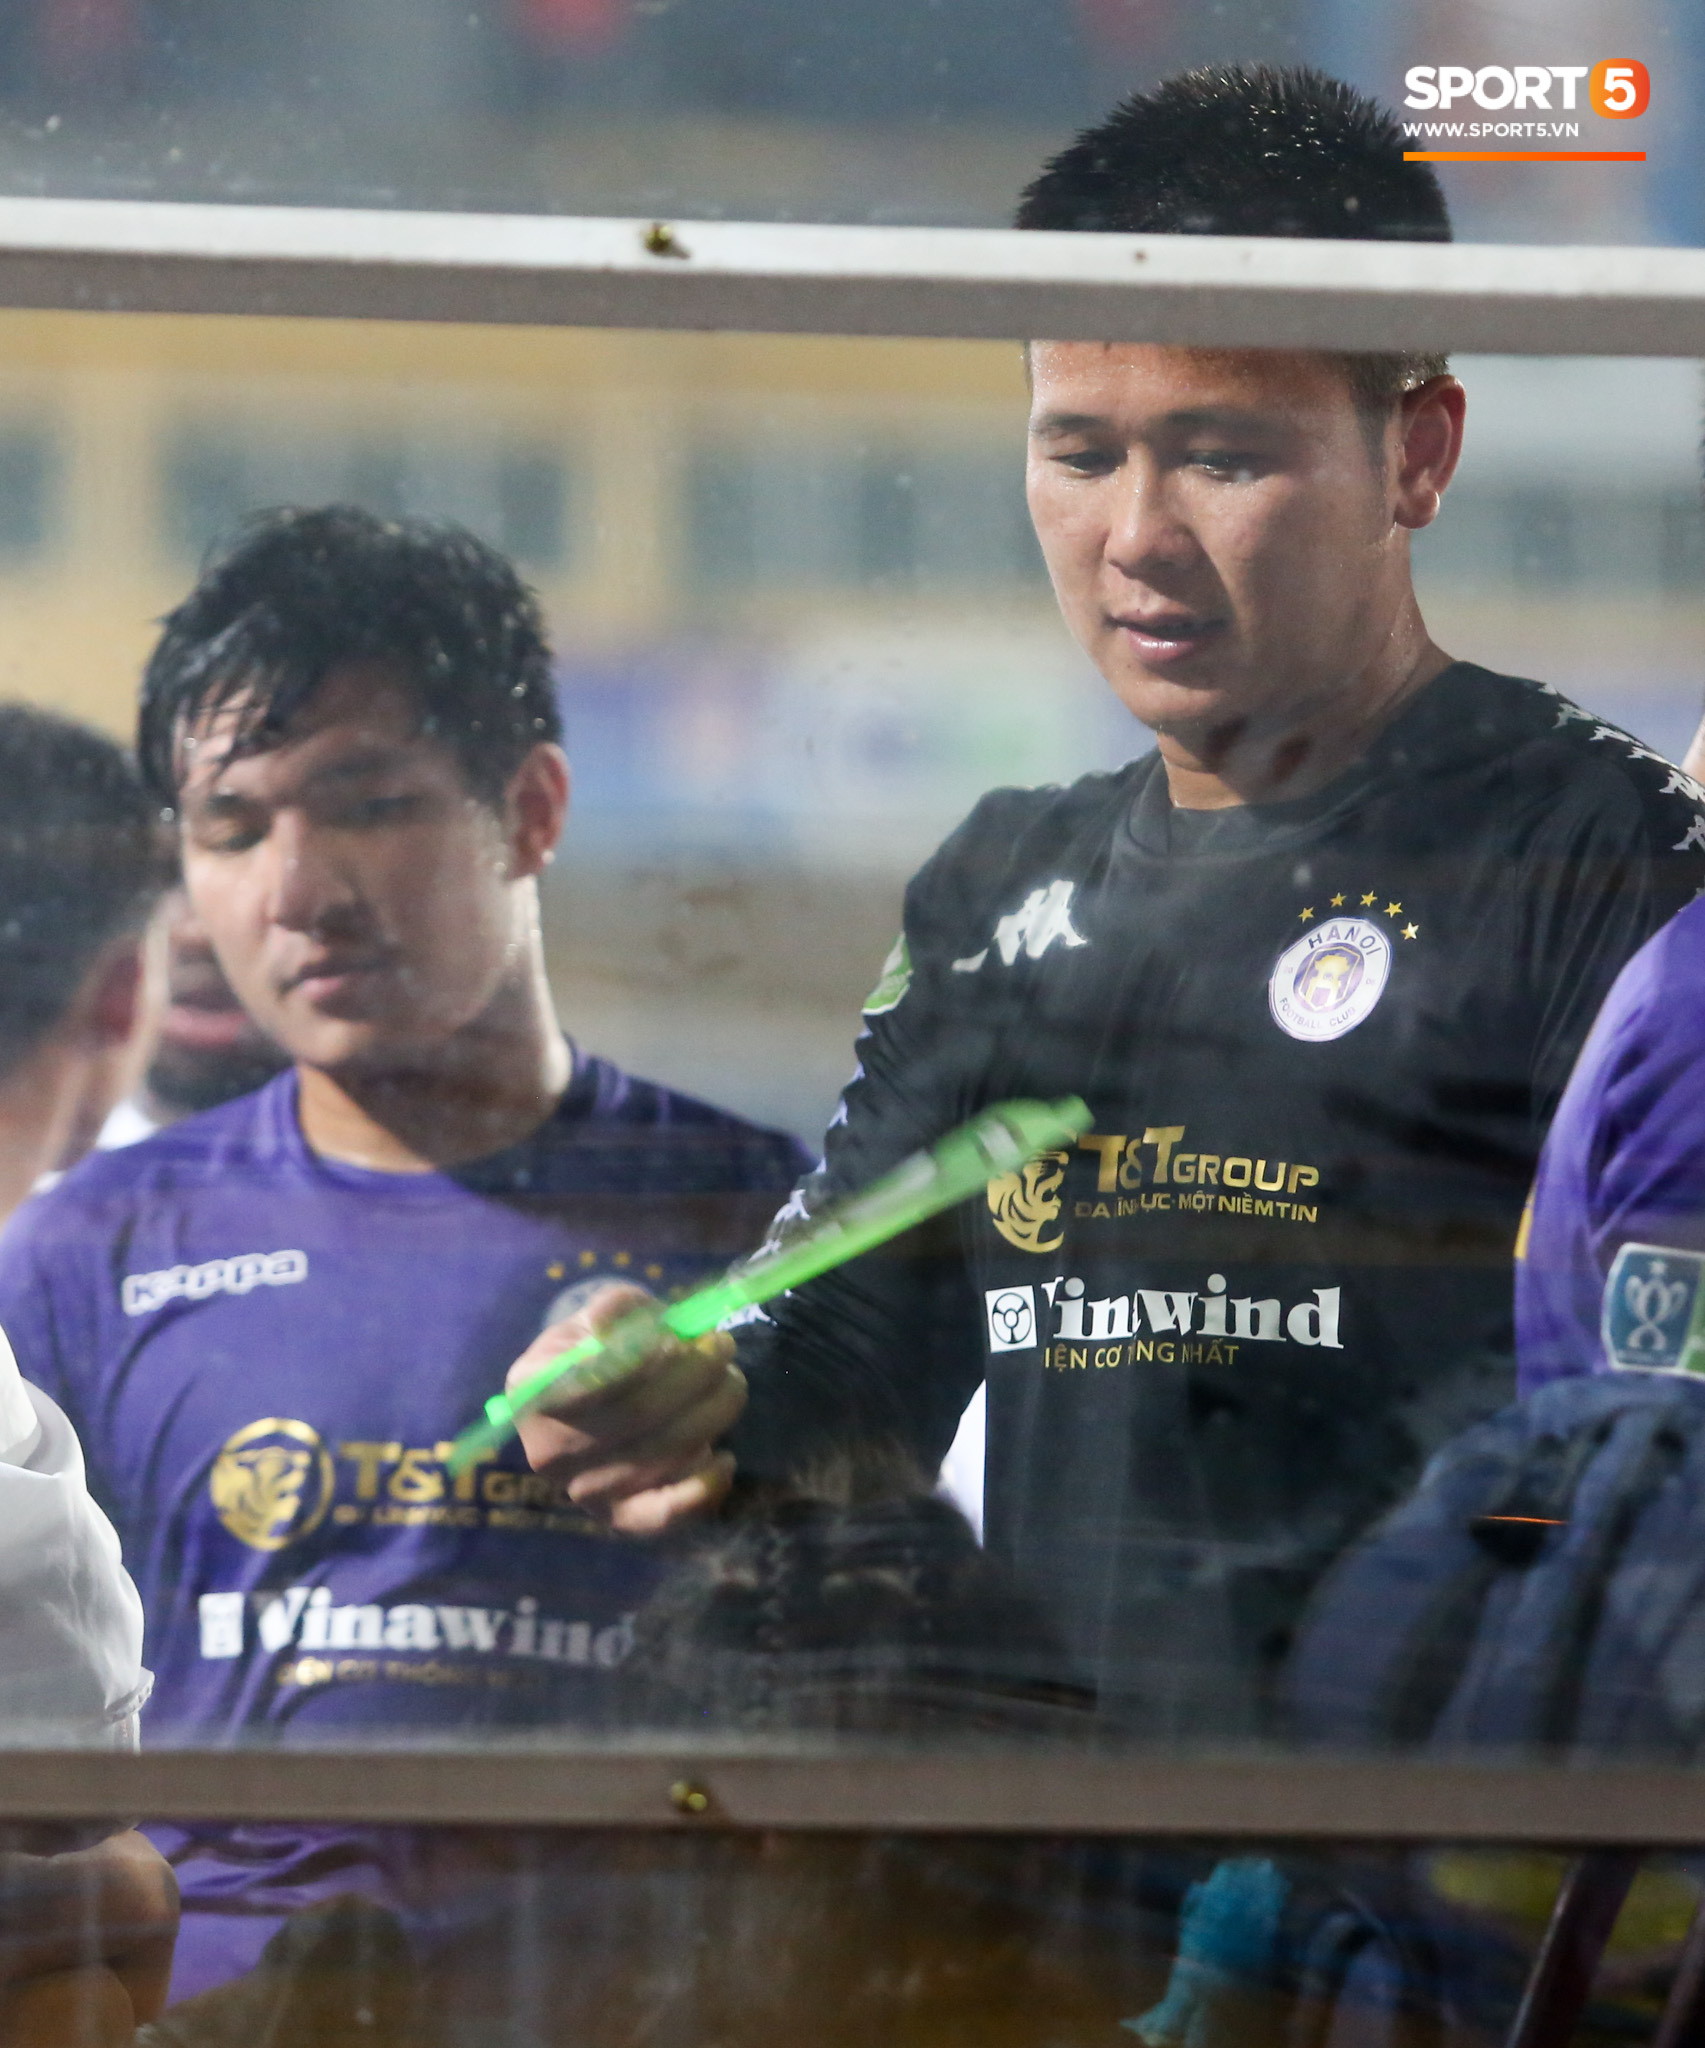 Hình ảnh đàn anh Duy Mạnh cần mẫn đứng quạt cho vợ và con gái, mặc kệ đồng đội ở Hà Nội FC ăn mừng - Ảnh 2.